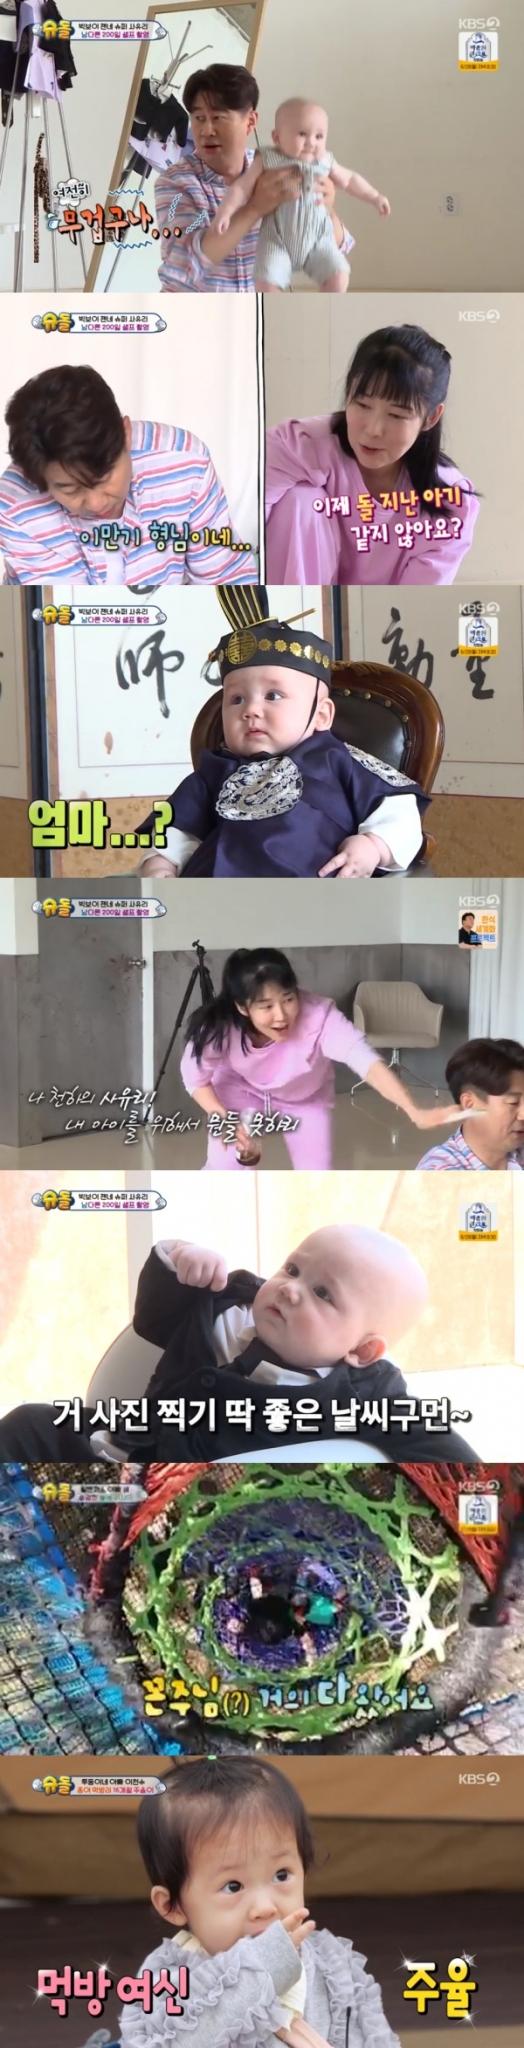 KBS 2TV '슈퍼맨이 돌아왔다' 방송 화면 캡처 © 뉴스1